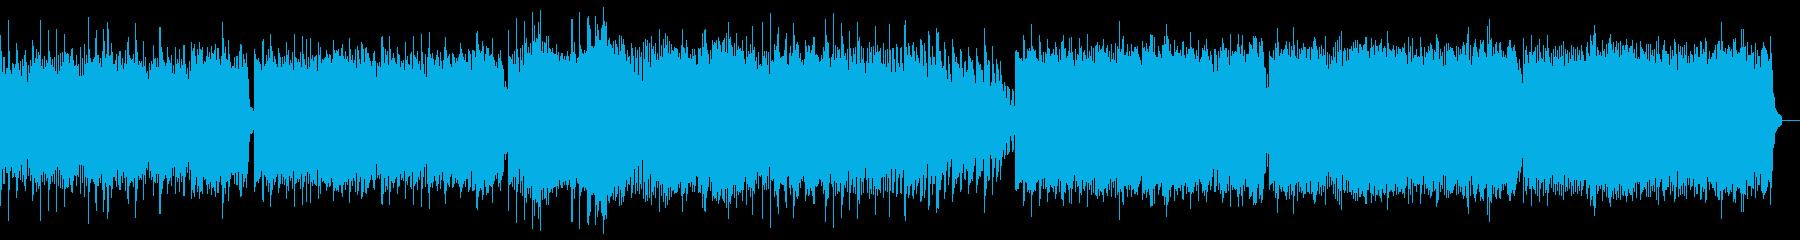 幻想的なリラクゼーションピアノBGMの再生済みの波形